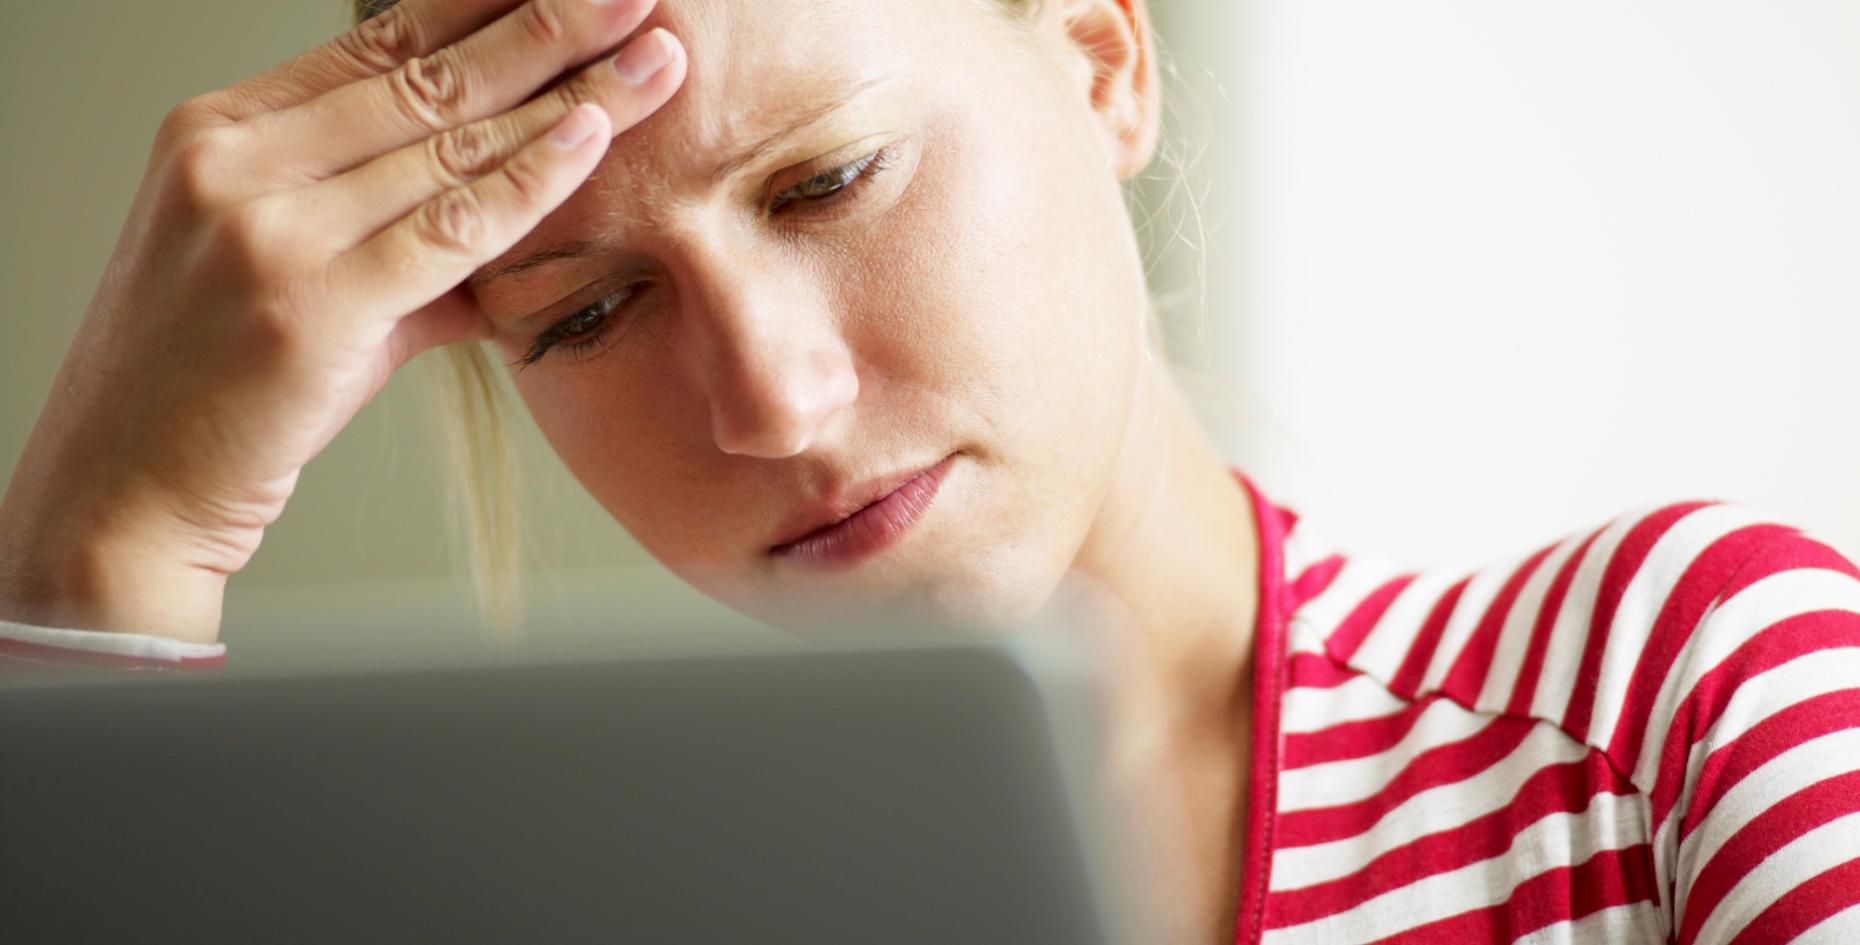 Magas vérnyomás és prediabétesz: együtt sokszorosan veszélyesek az egészségre - Egészség | Femina